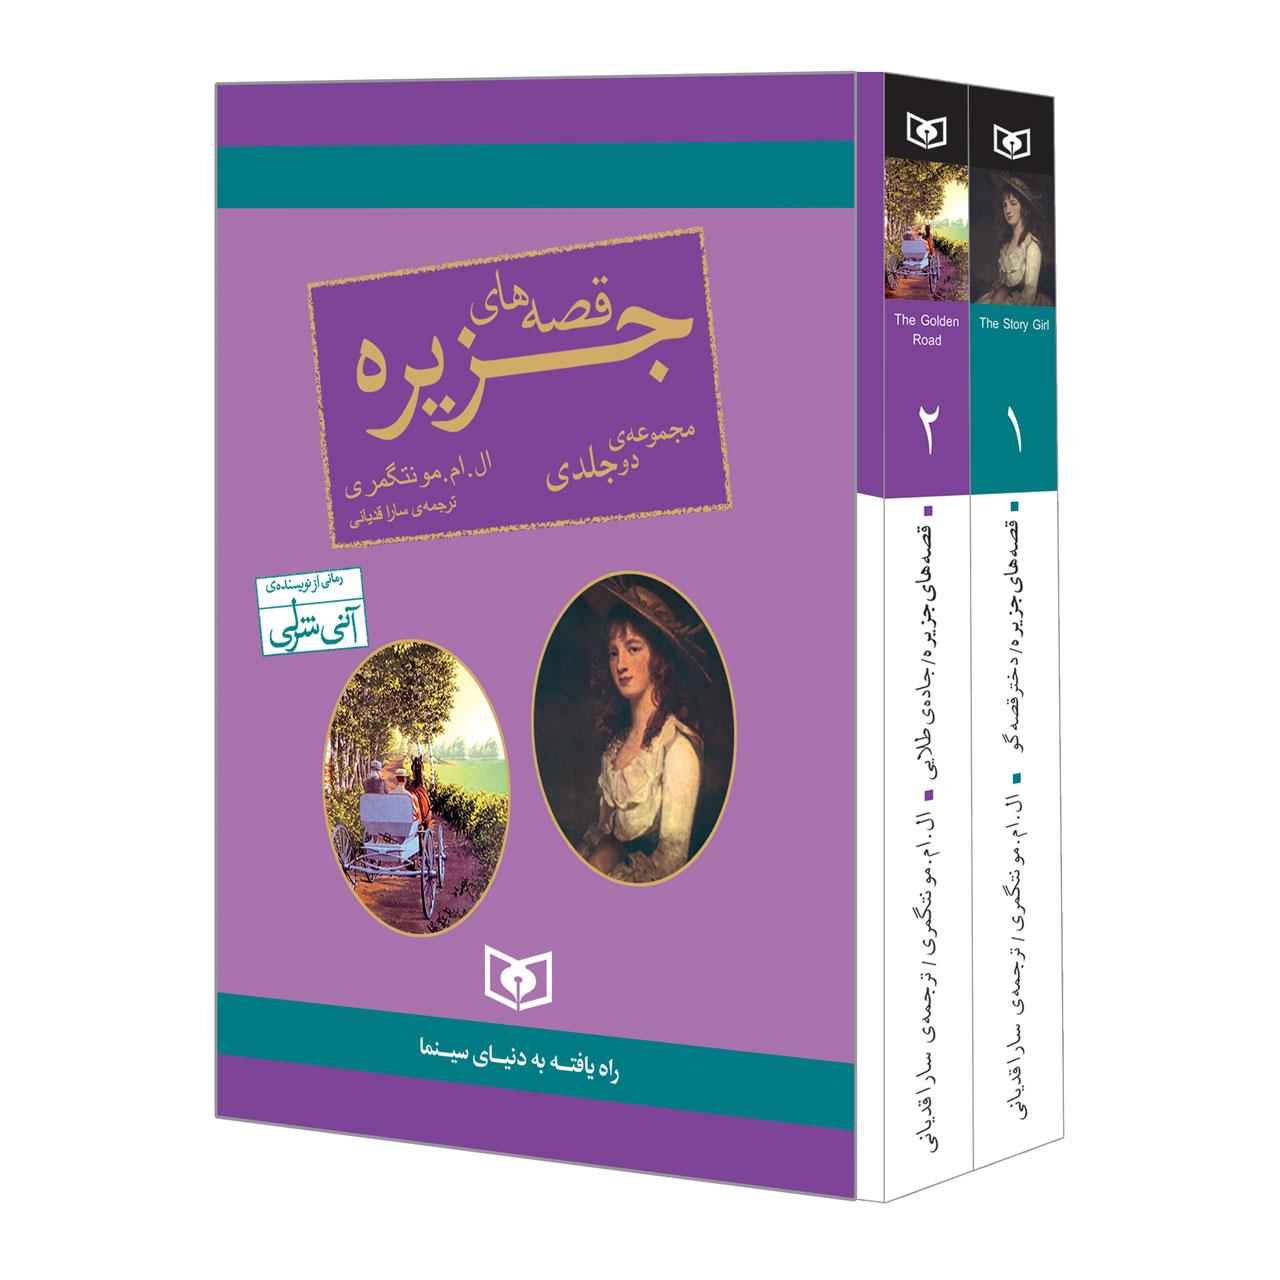 خرید                      کتاب قصه های جزیره اثر ال.ام.مونتگمری انتشارات قدیانی مجموعه 2 جلدی